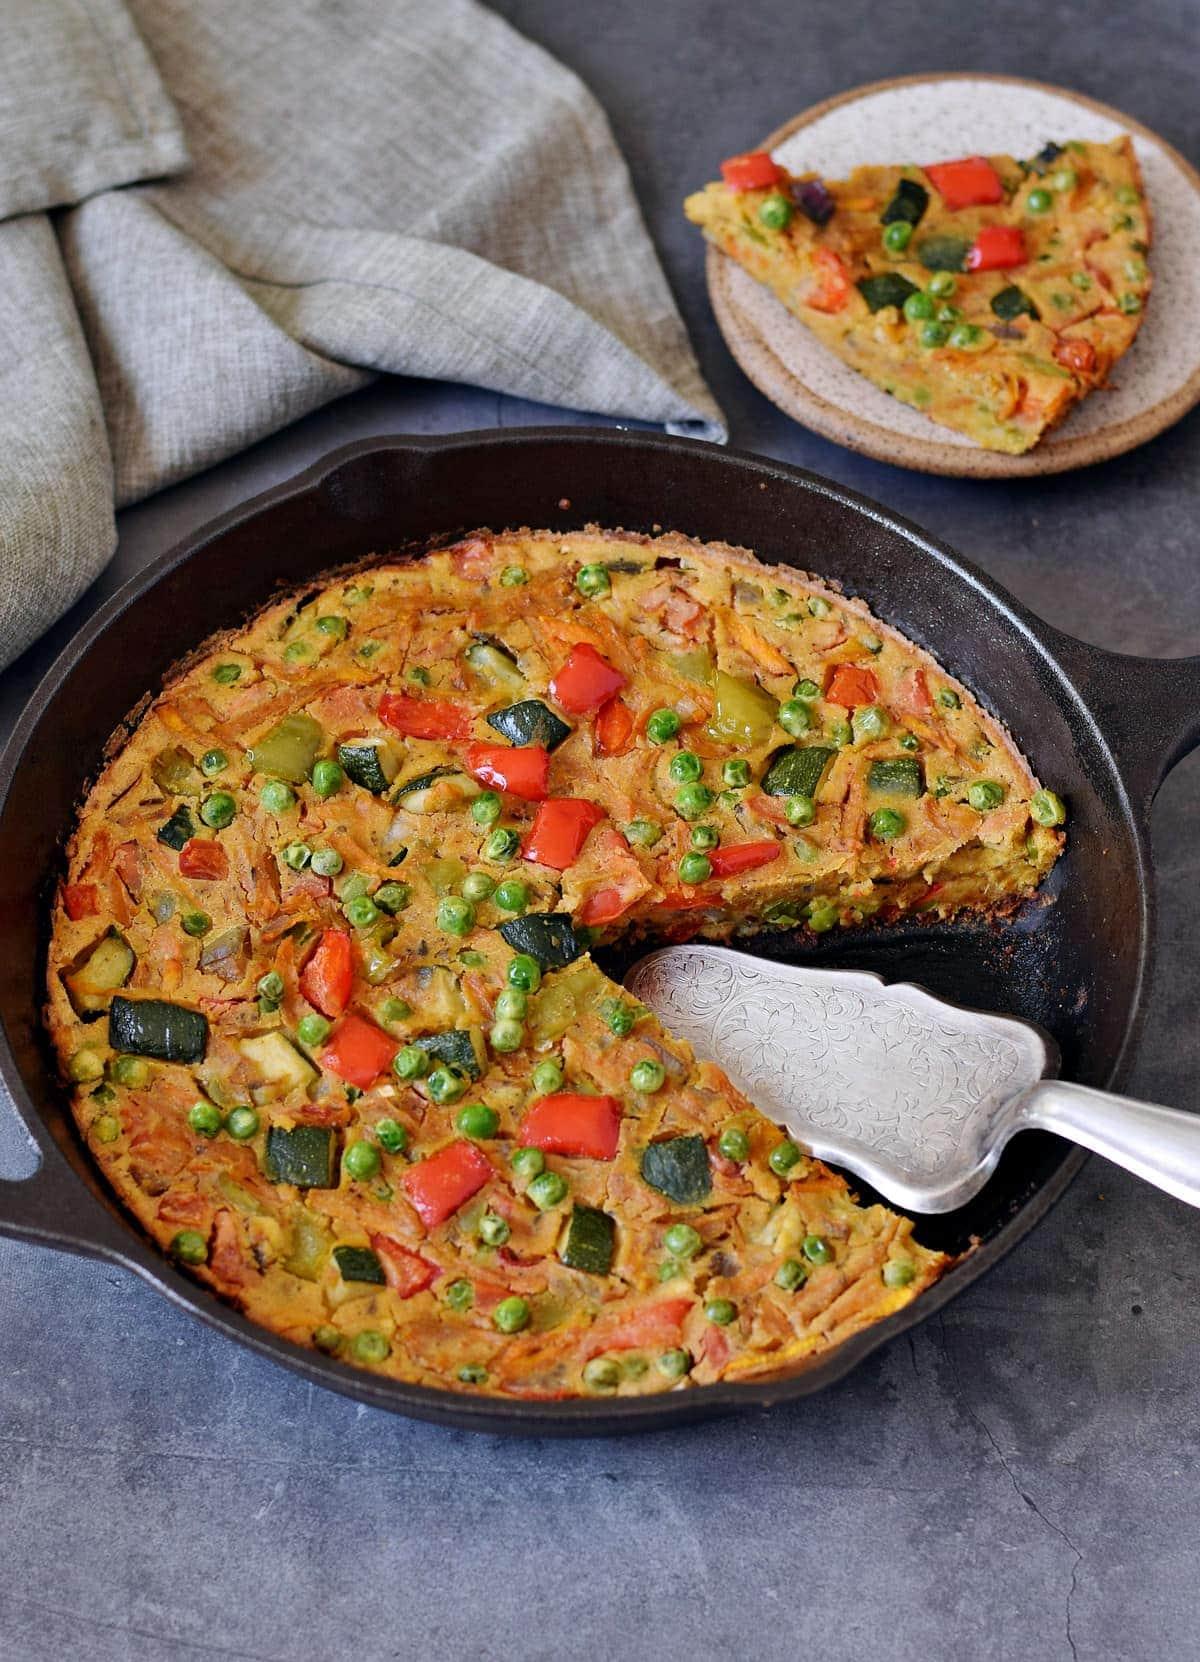 Gemüse Frittata in Gusseisenpfanne mit Stück auf Teller